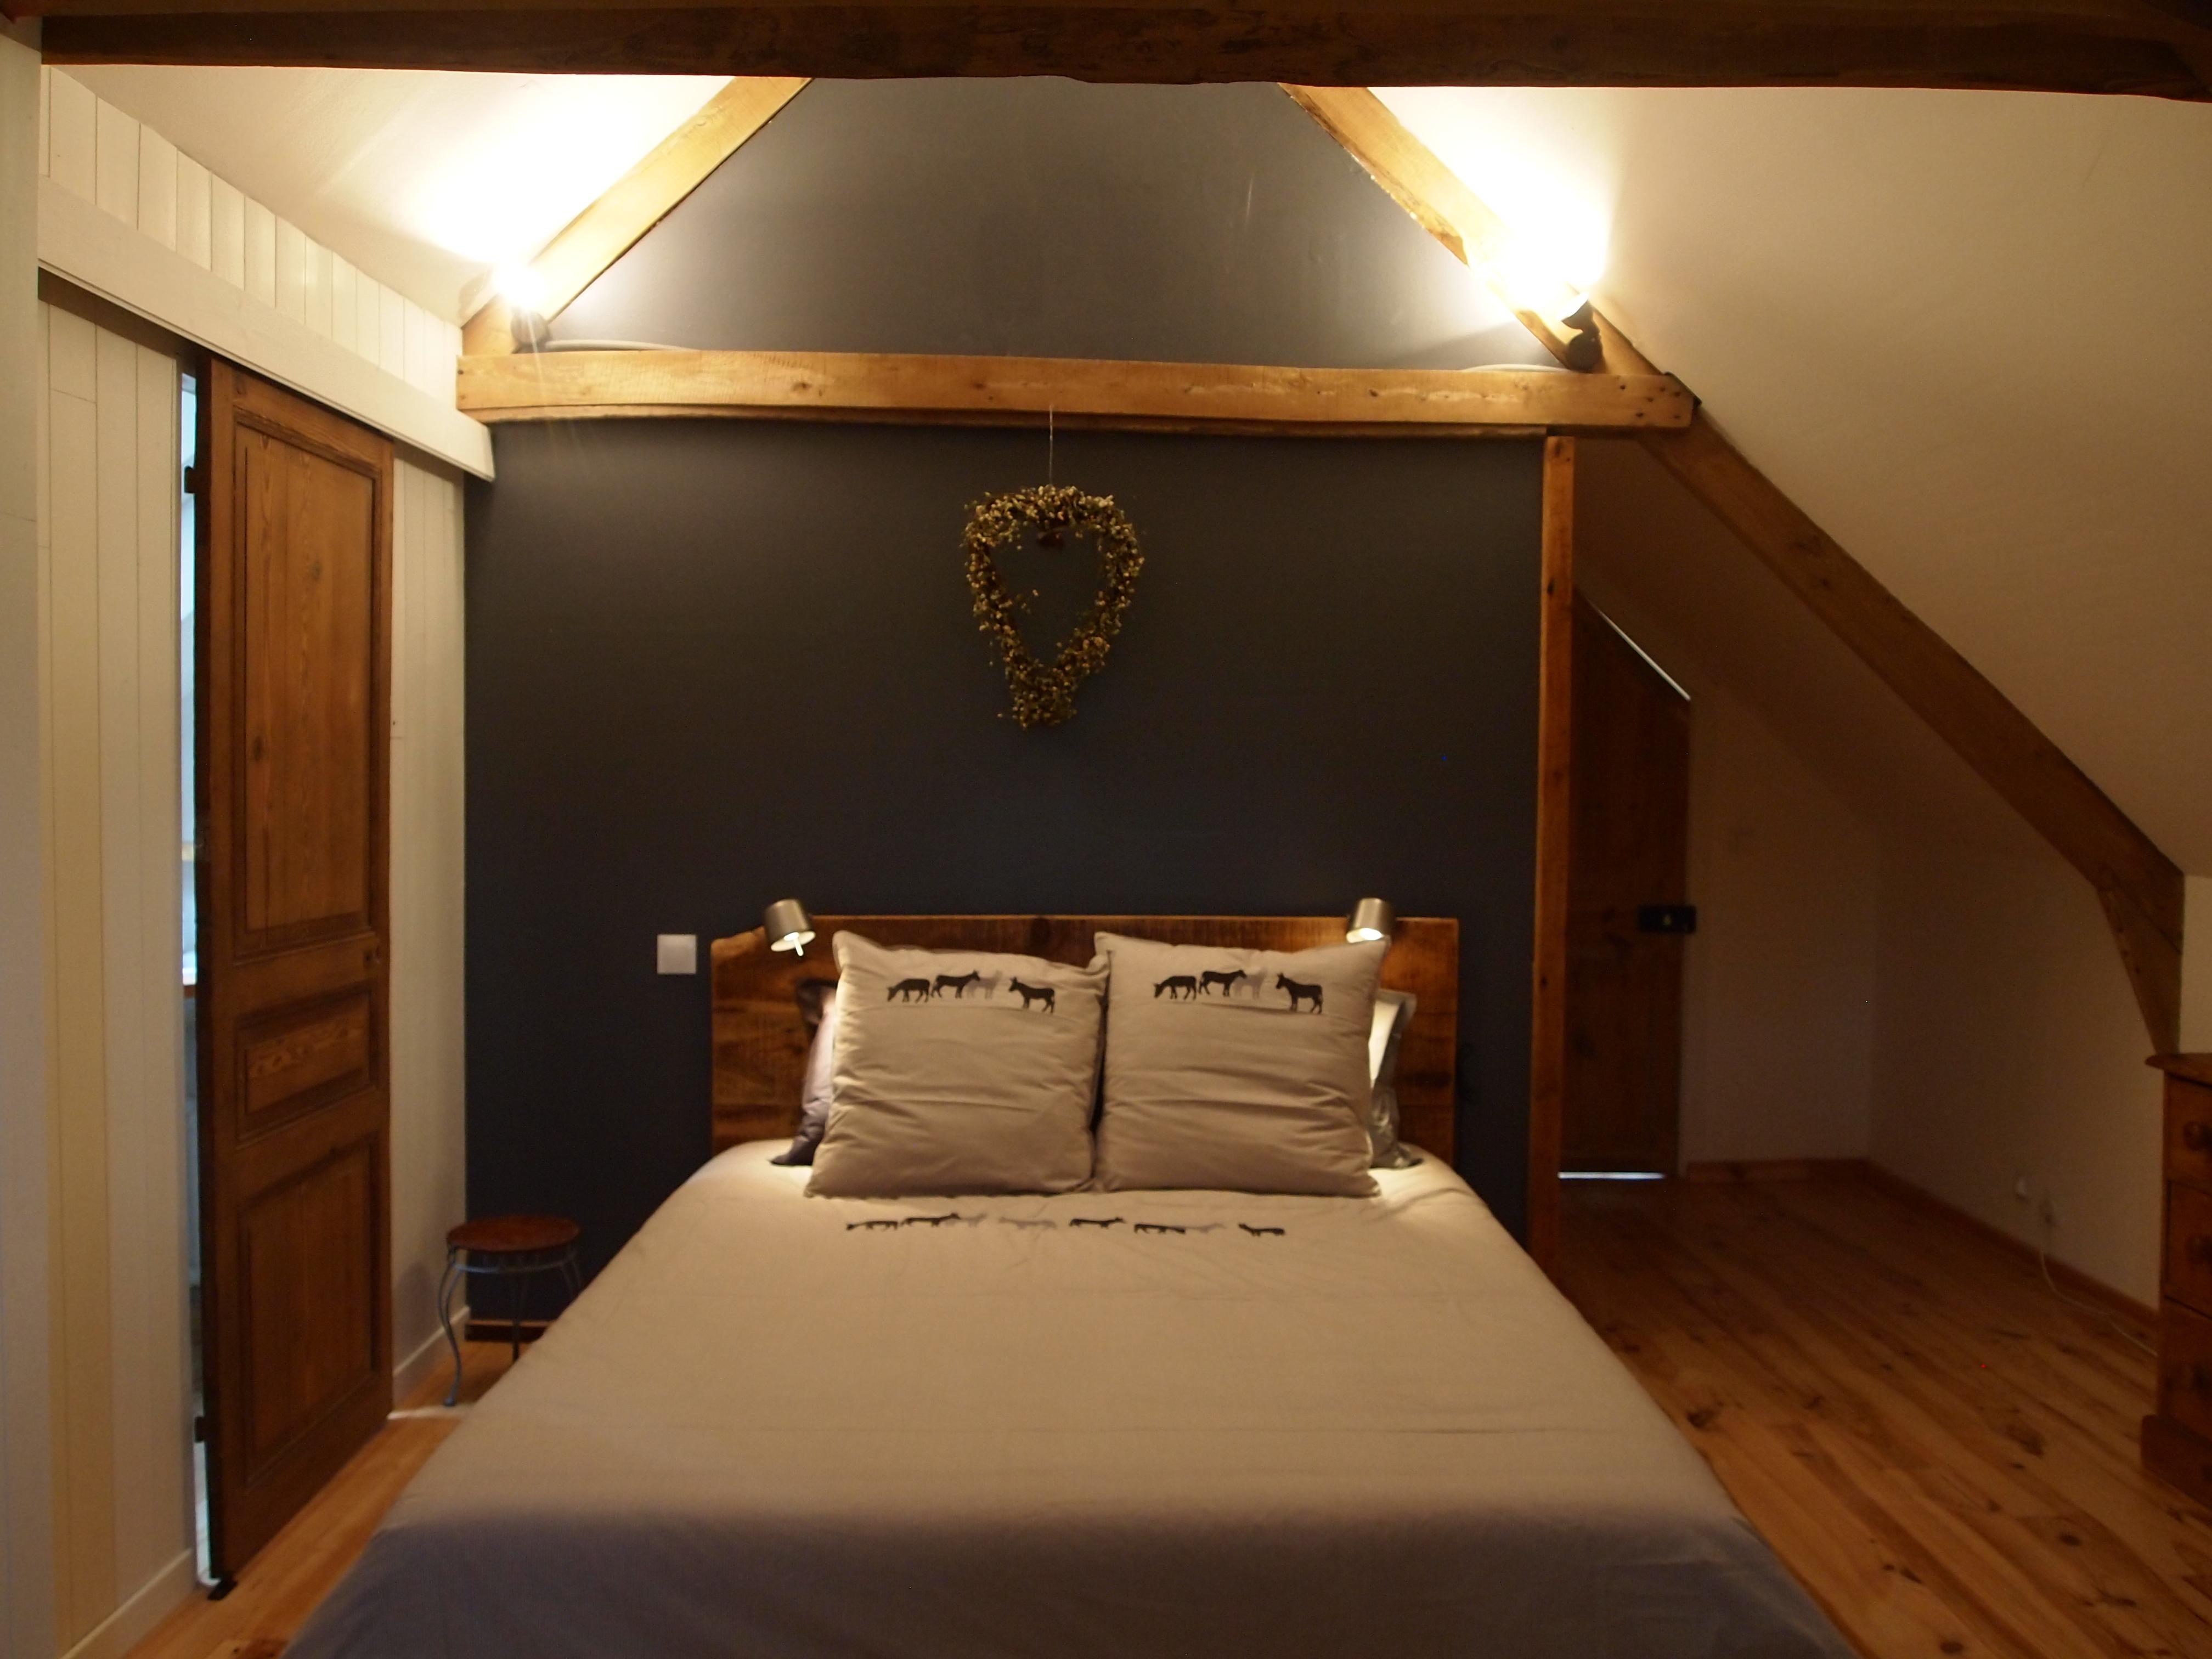 Chambres et table d'hôtes presqu'île de Crozon, parc naturel régional d'Armorique